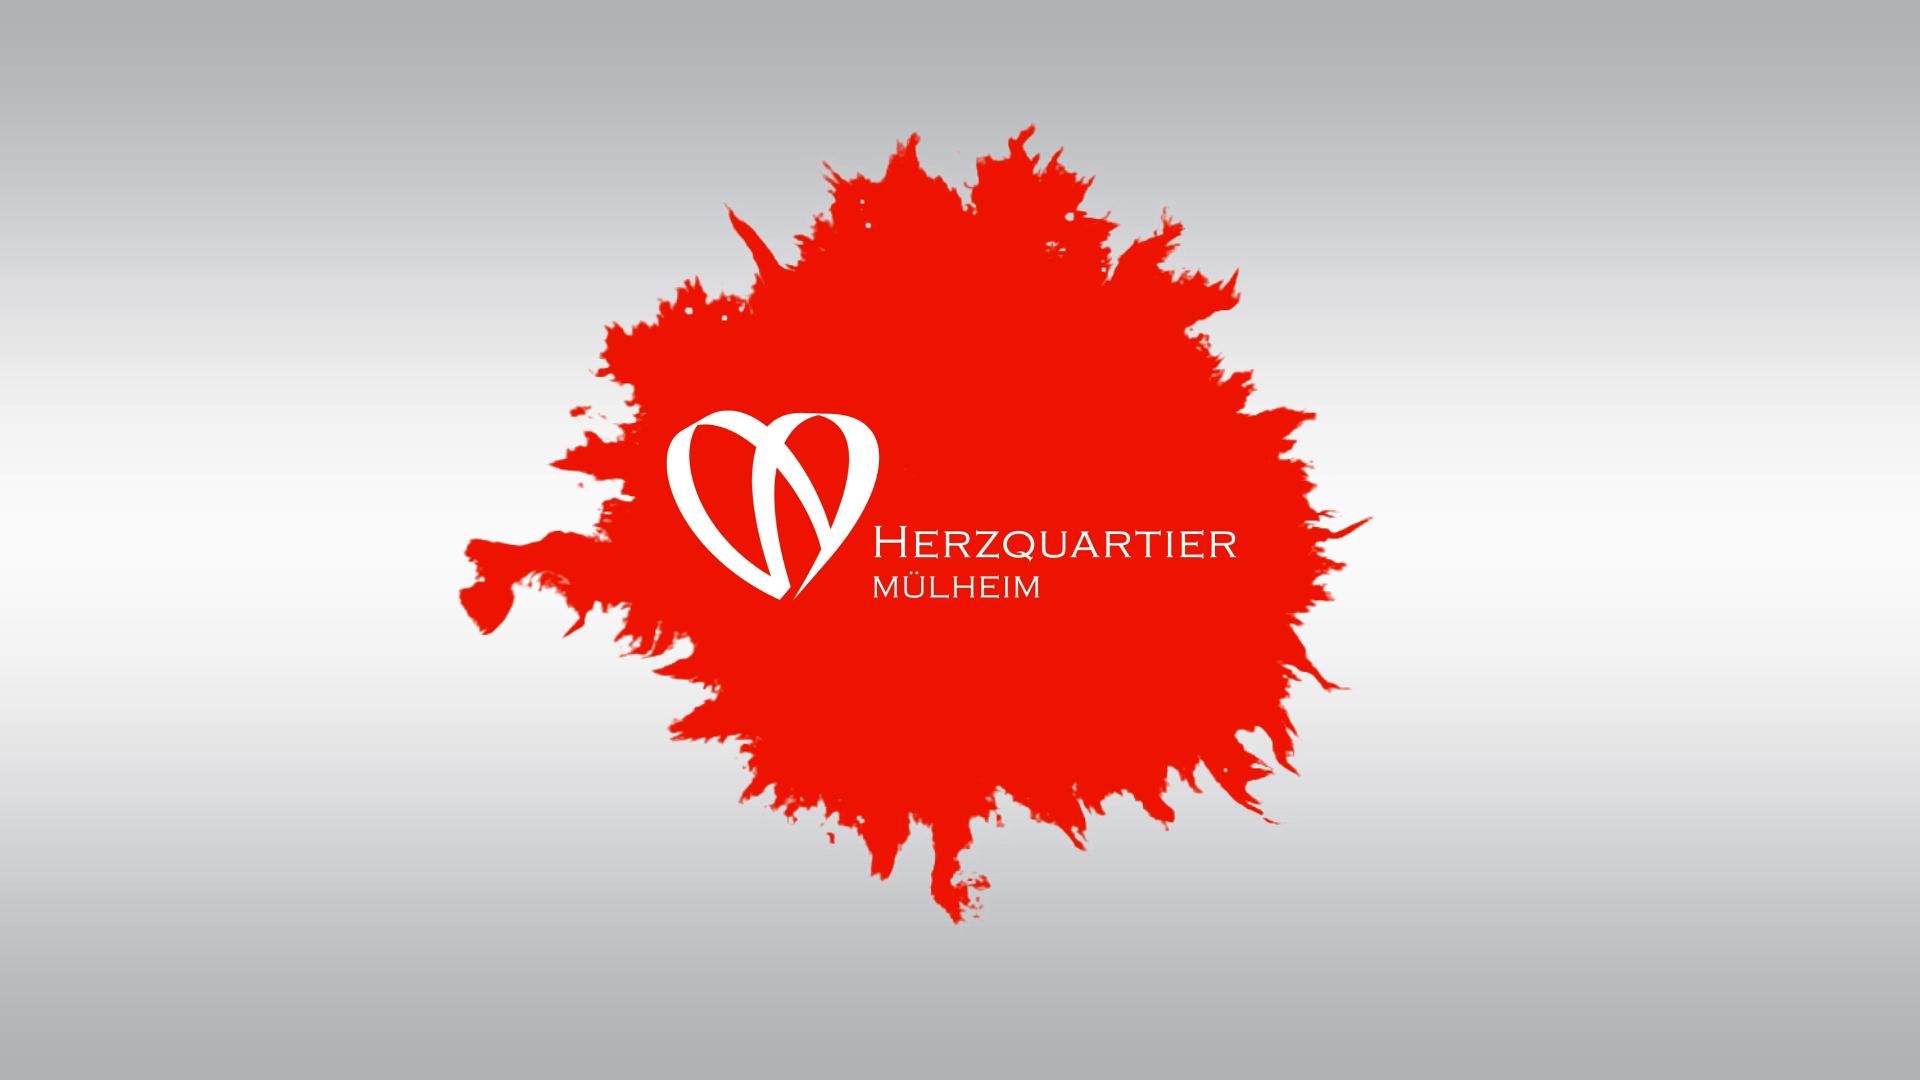 Herzquartier Mülheim